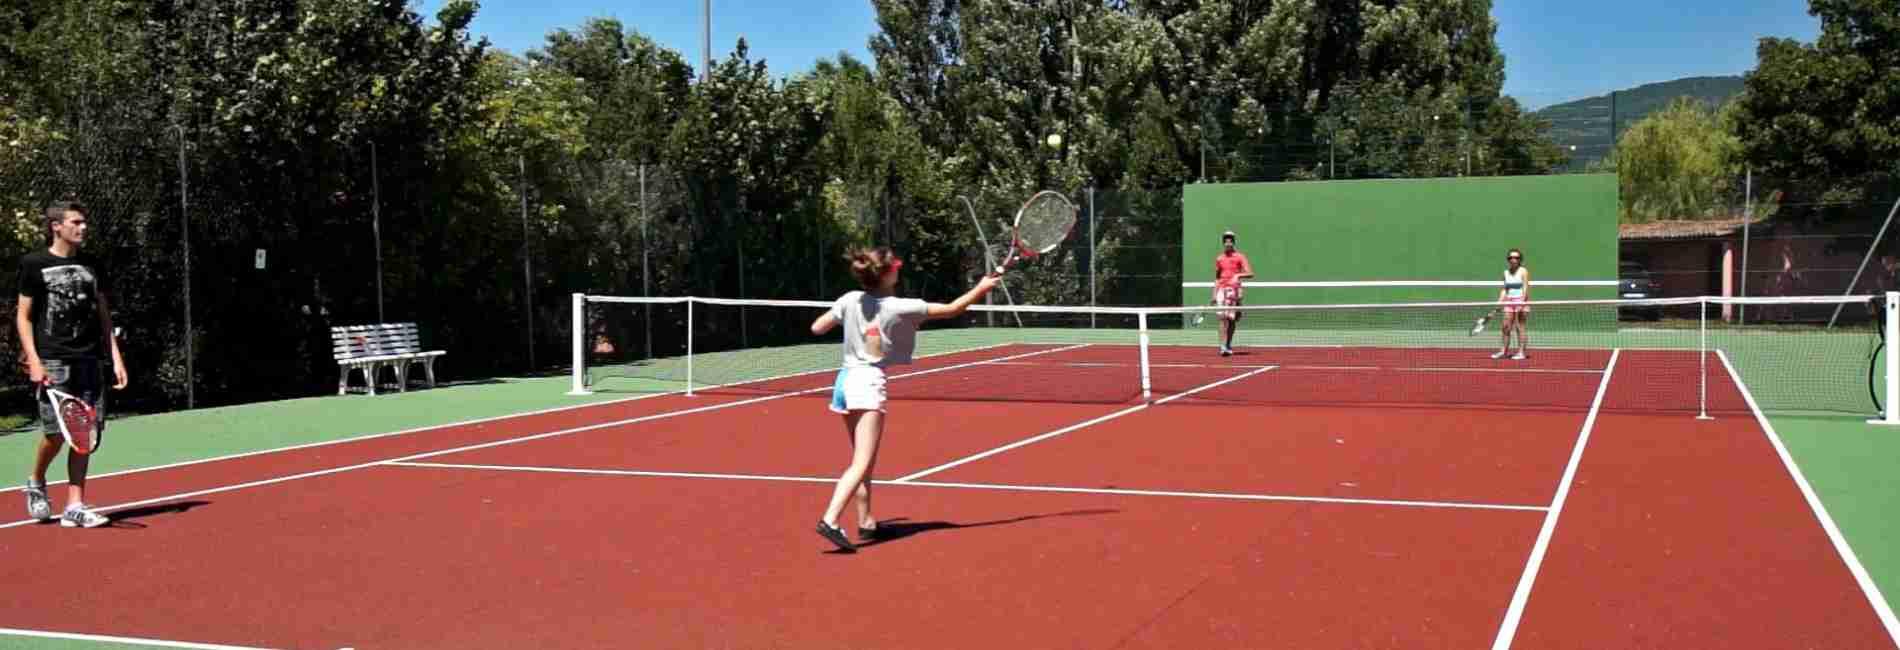 tennis-location-de-vacances.jpg